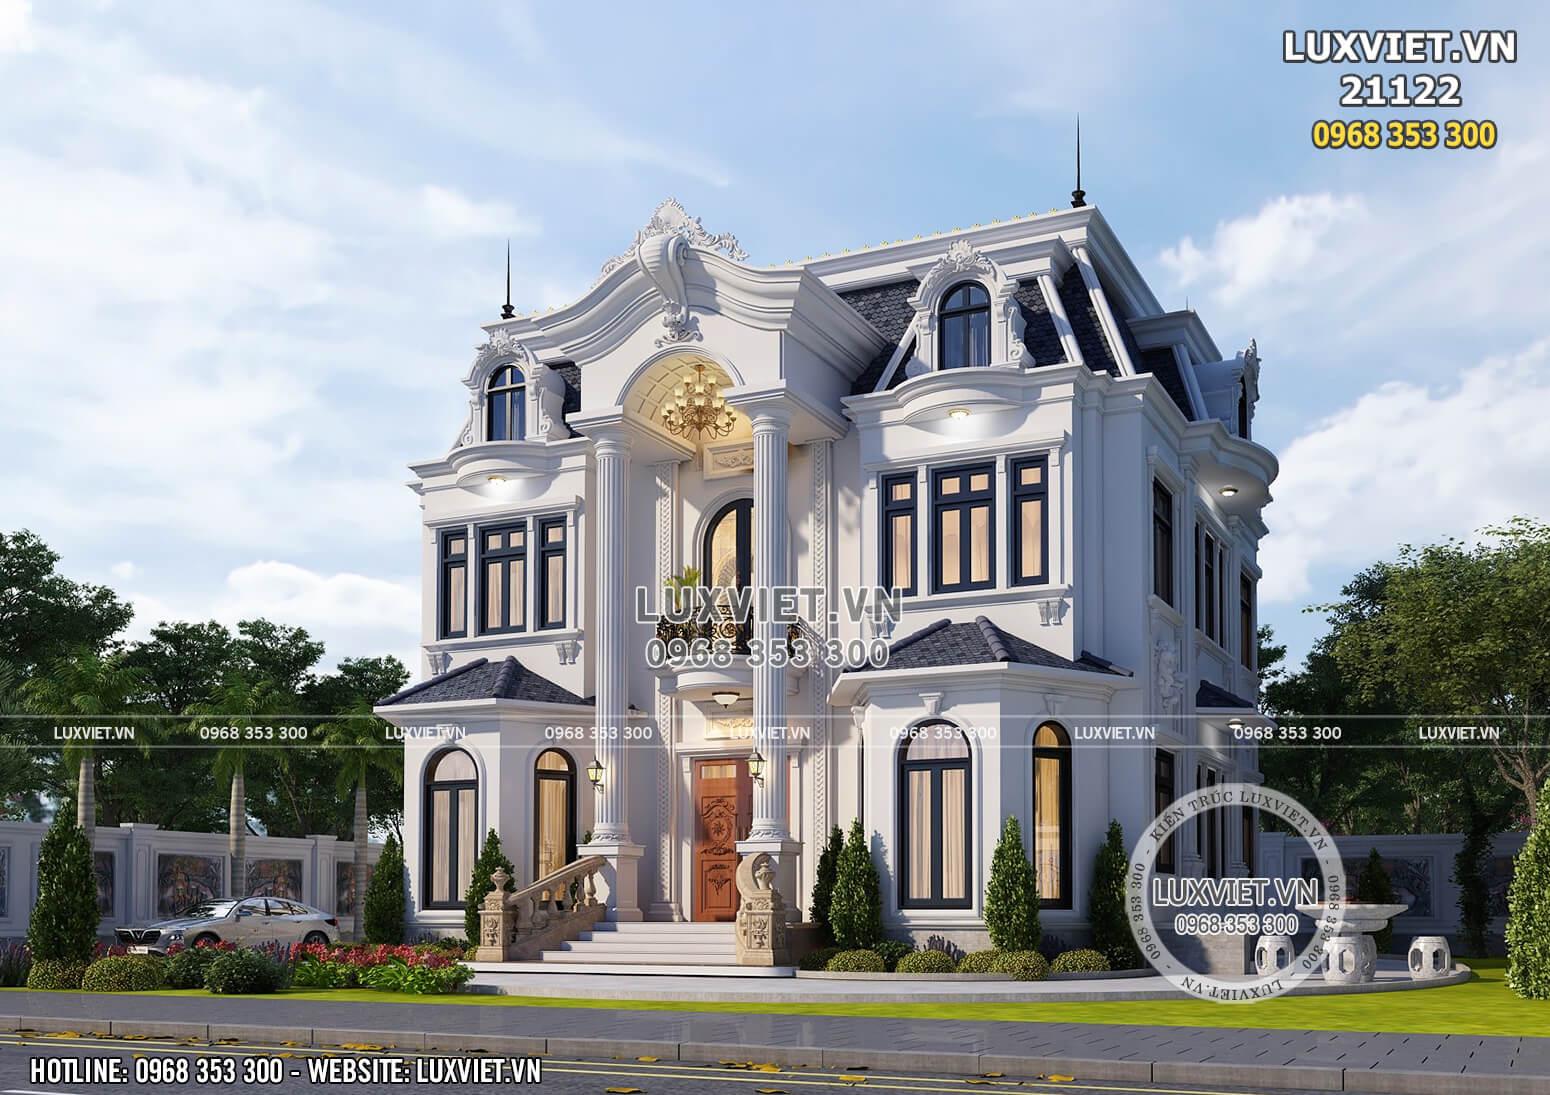 Hình ảnh: Mẫu nhà biệt thự 2 tầng tân cổ điển - LV 21122